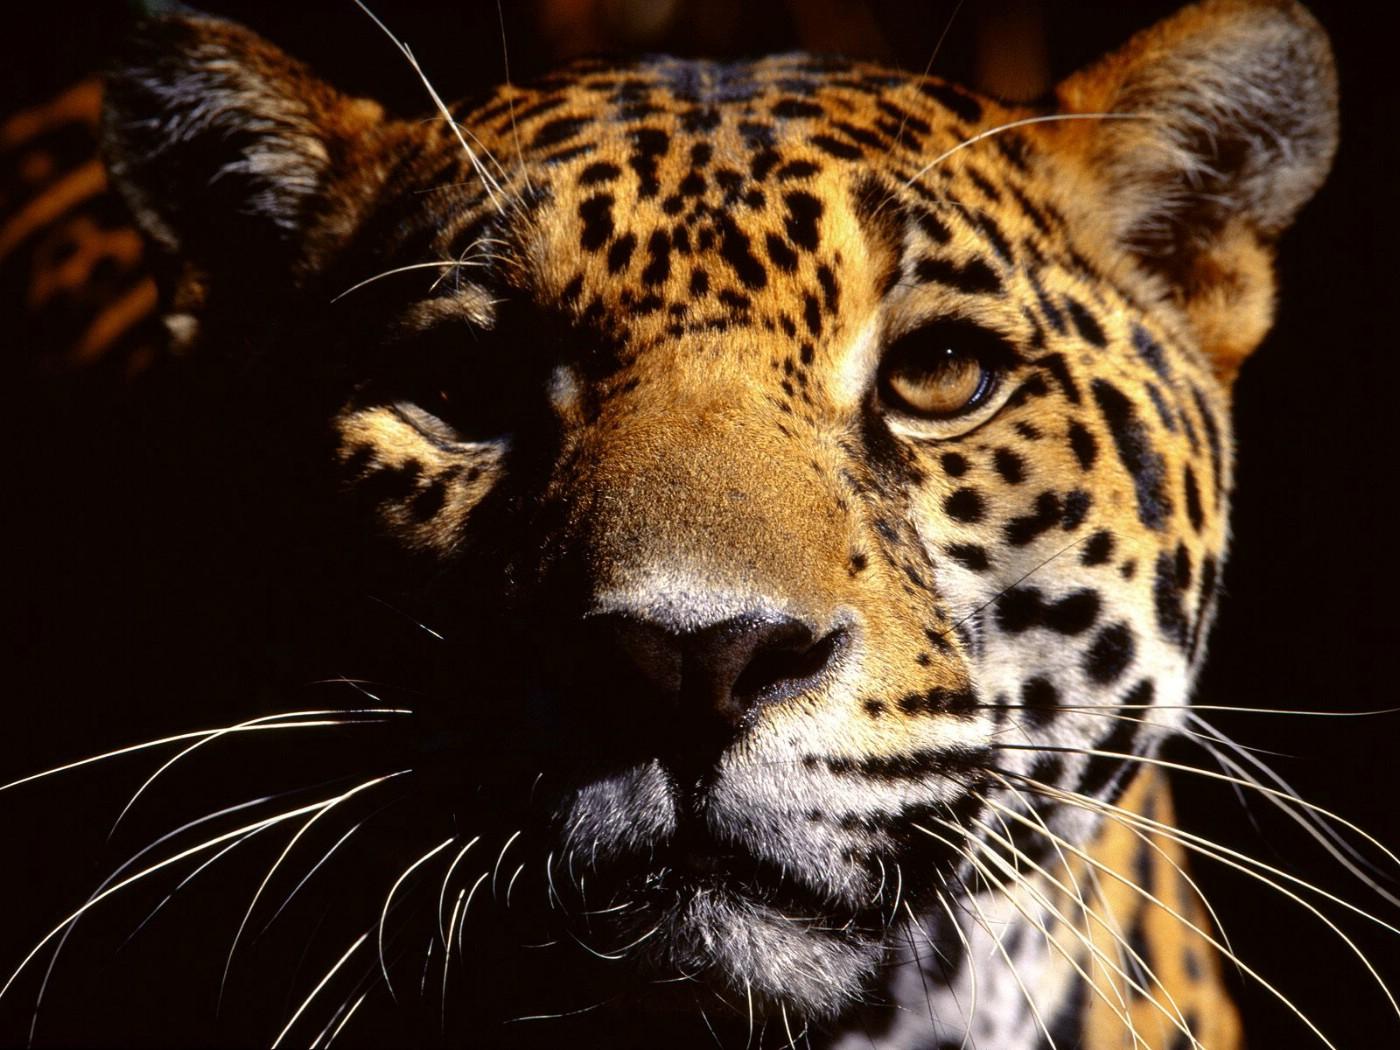 动物高清壁纸壁纸 野生动物高清壁纸壁纸图片 动物